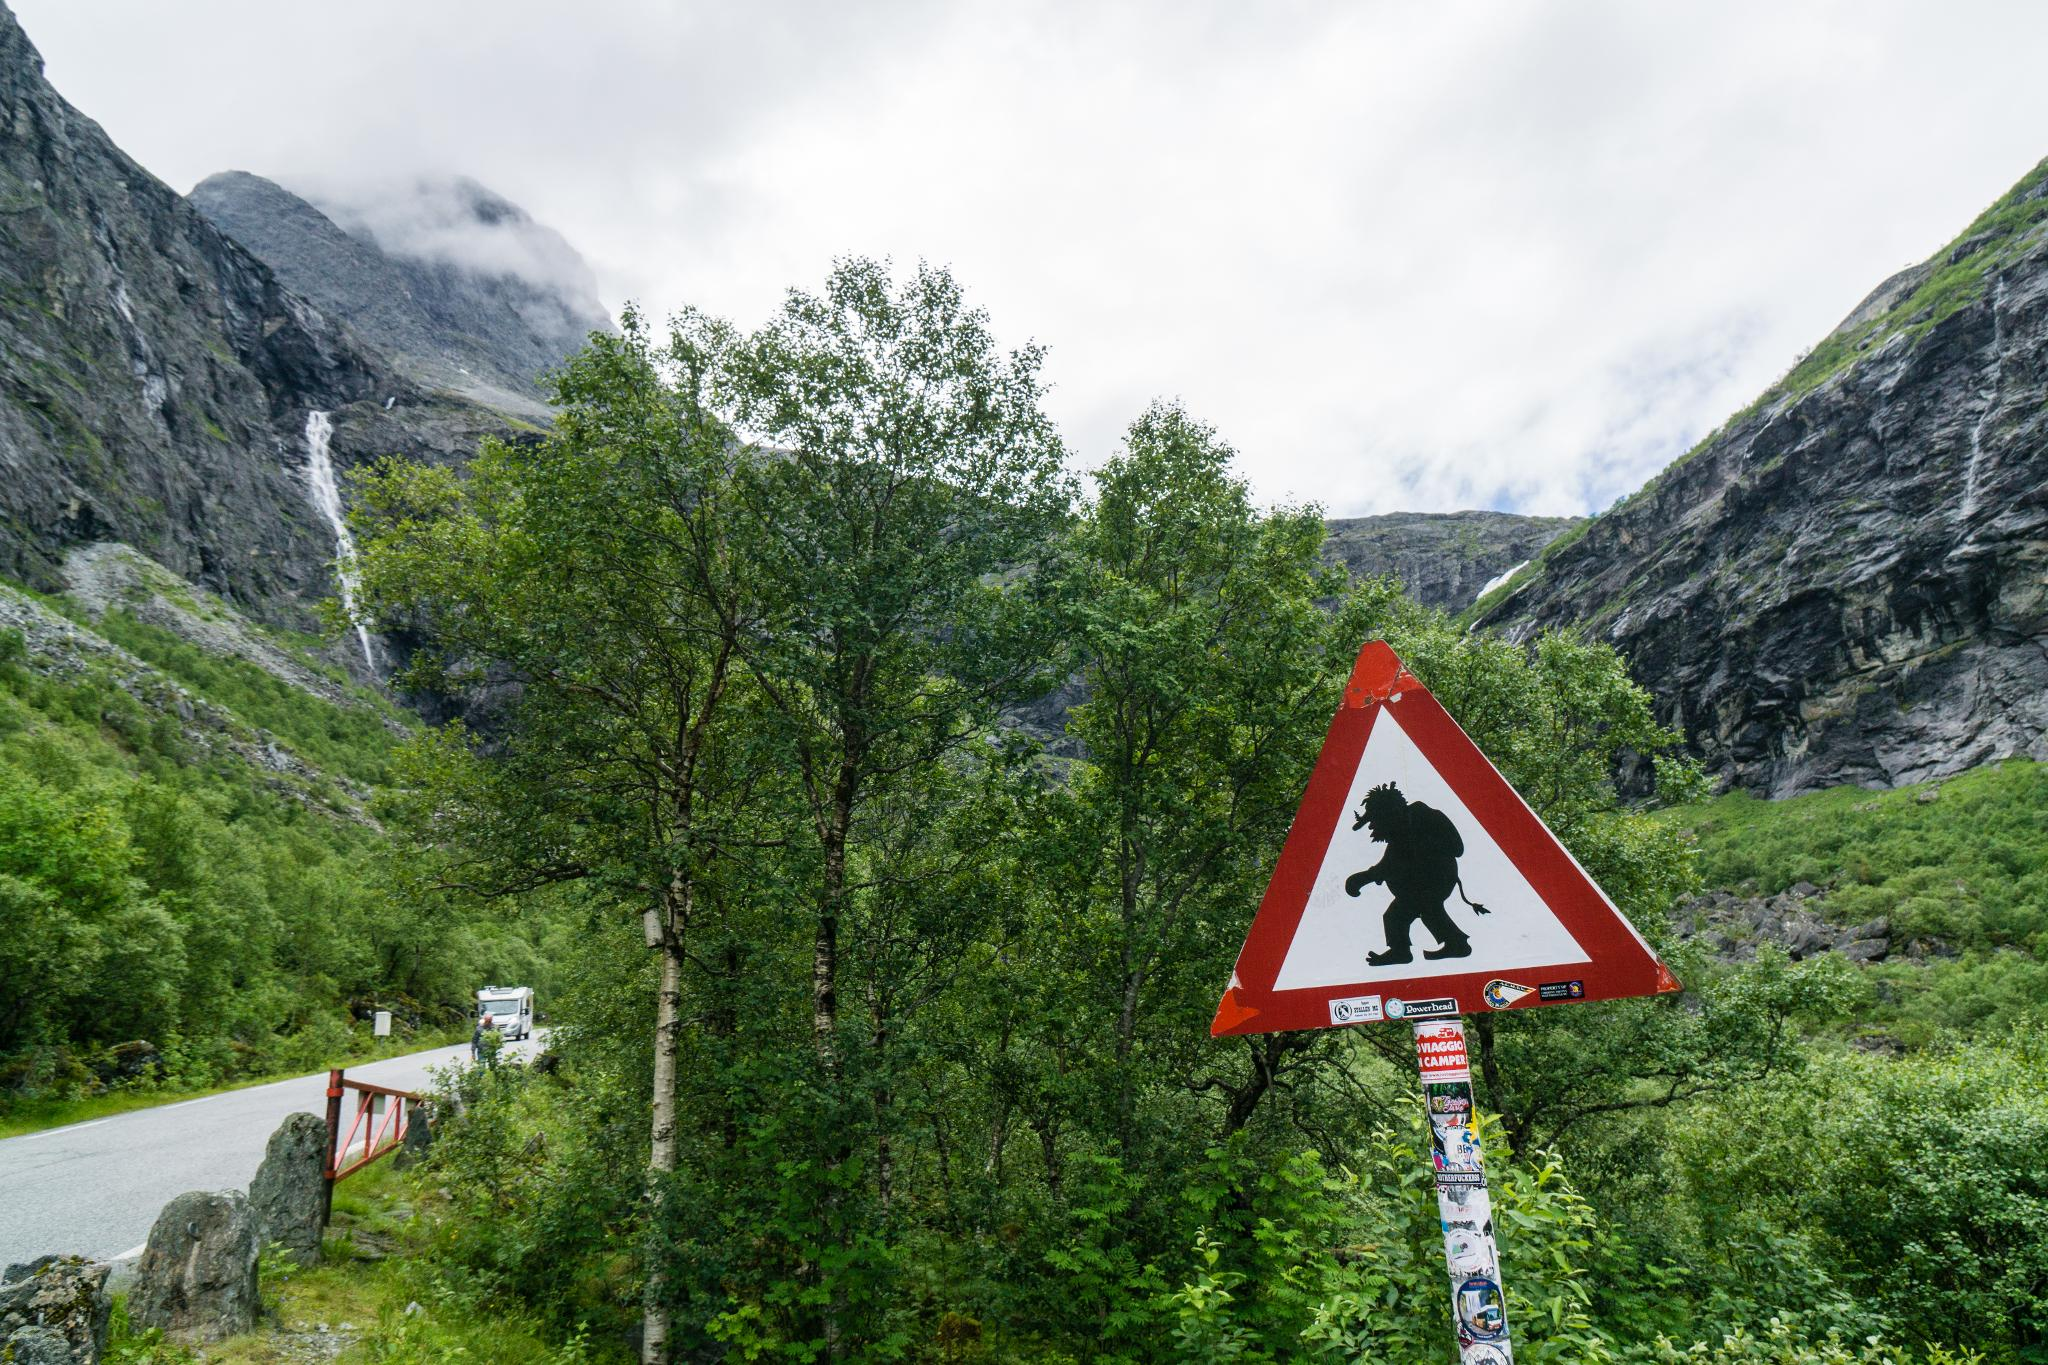 【北歐景點】Trollstigen 精靈之路 ∣ 挪威最驚險的世界級景觀公路 4